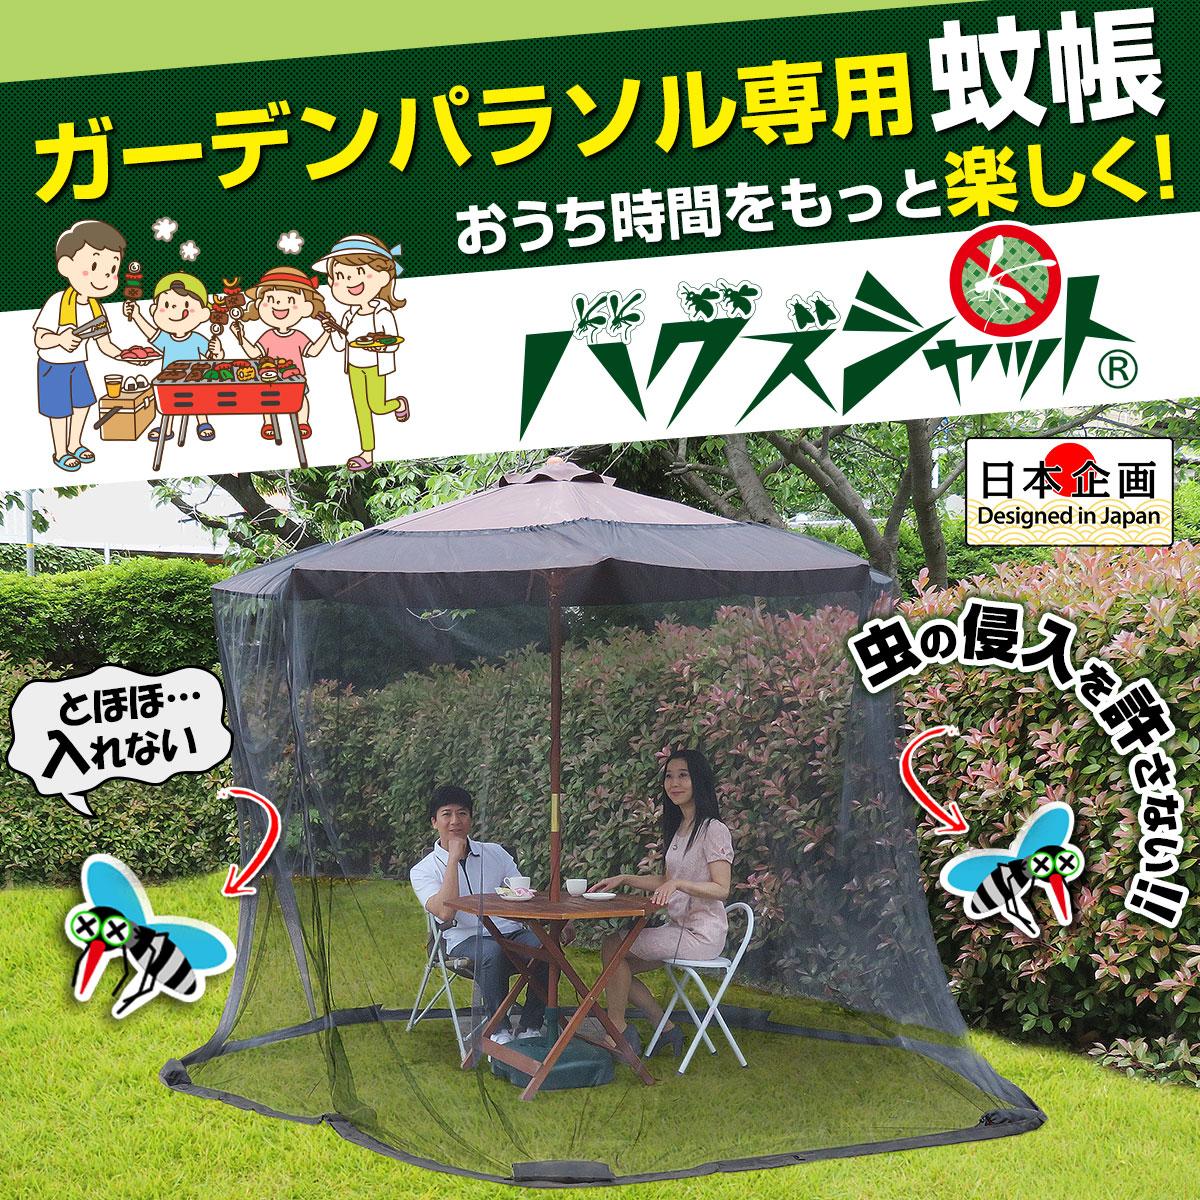 ガーデンパラソル用蚊帳 バグズシャット